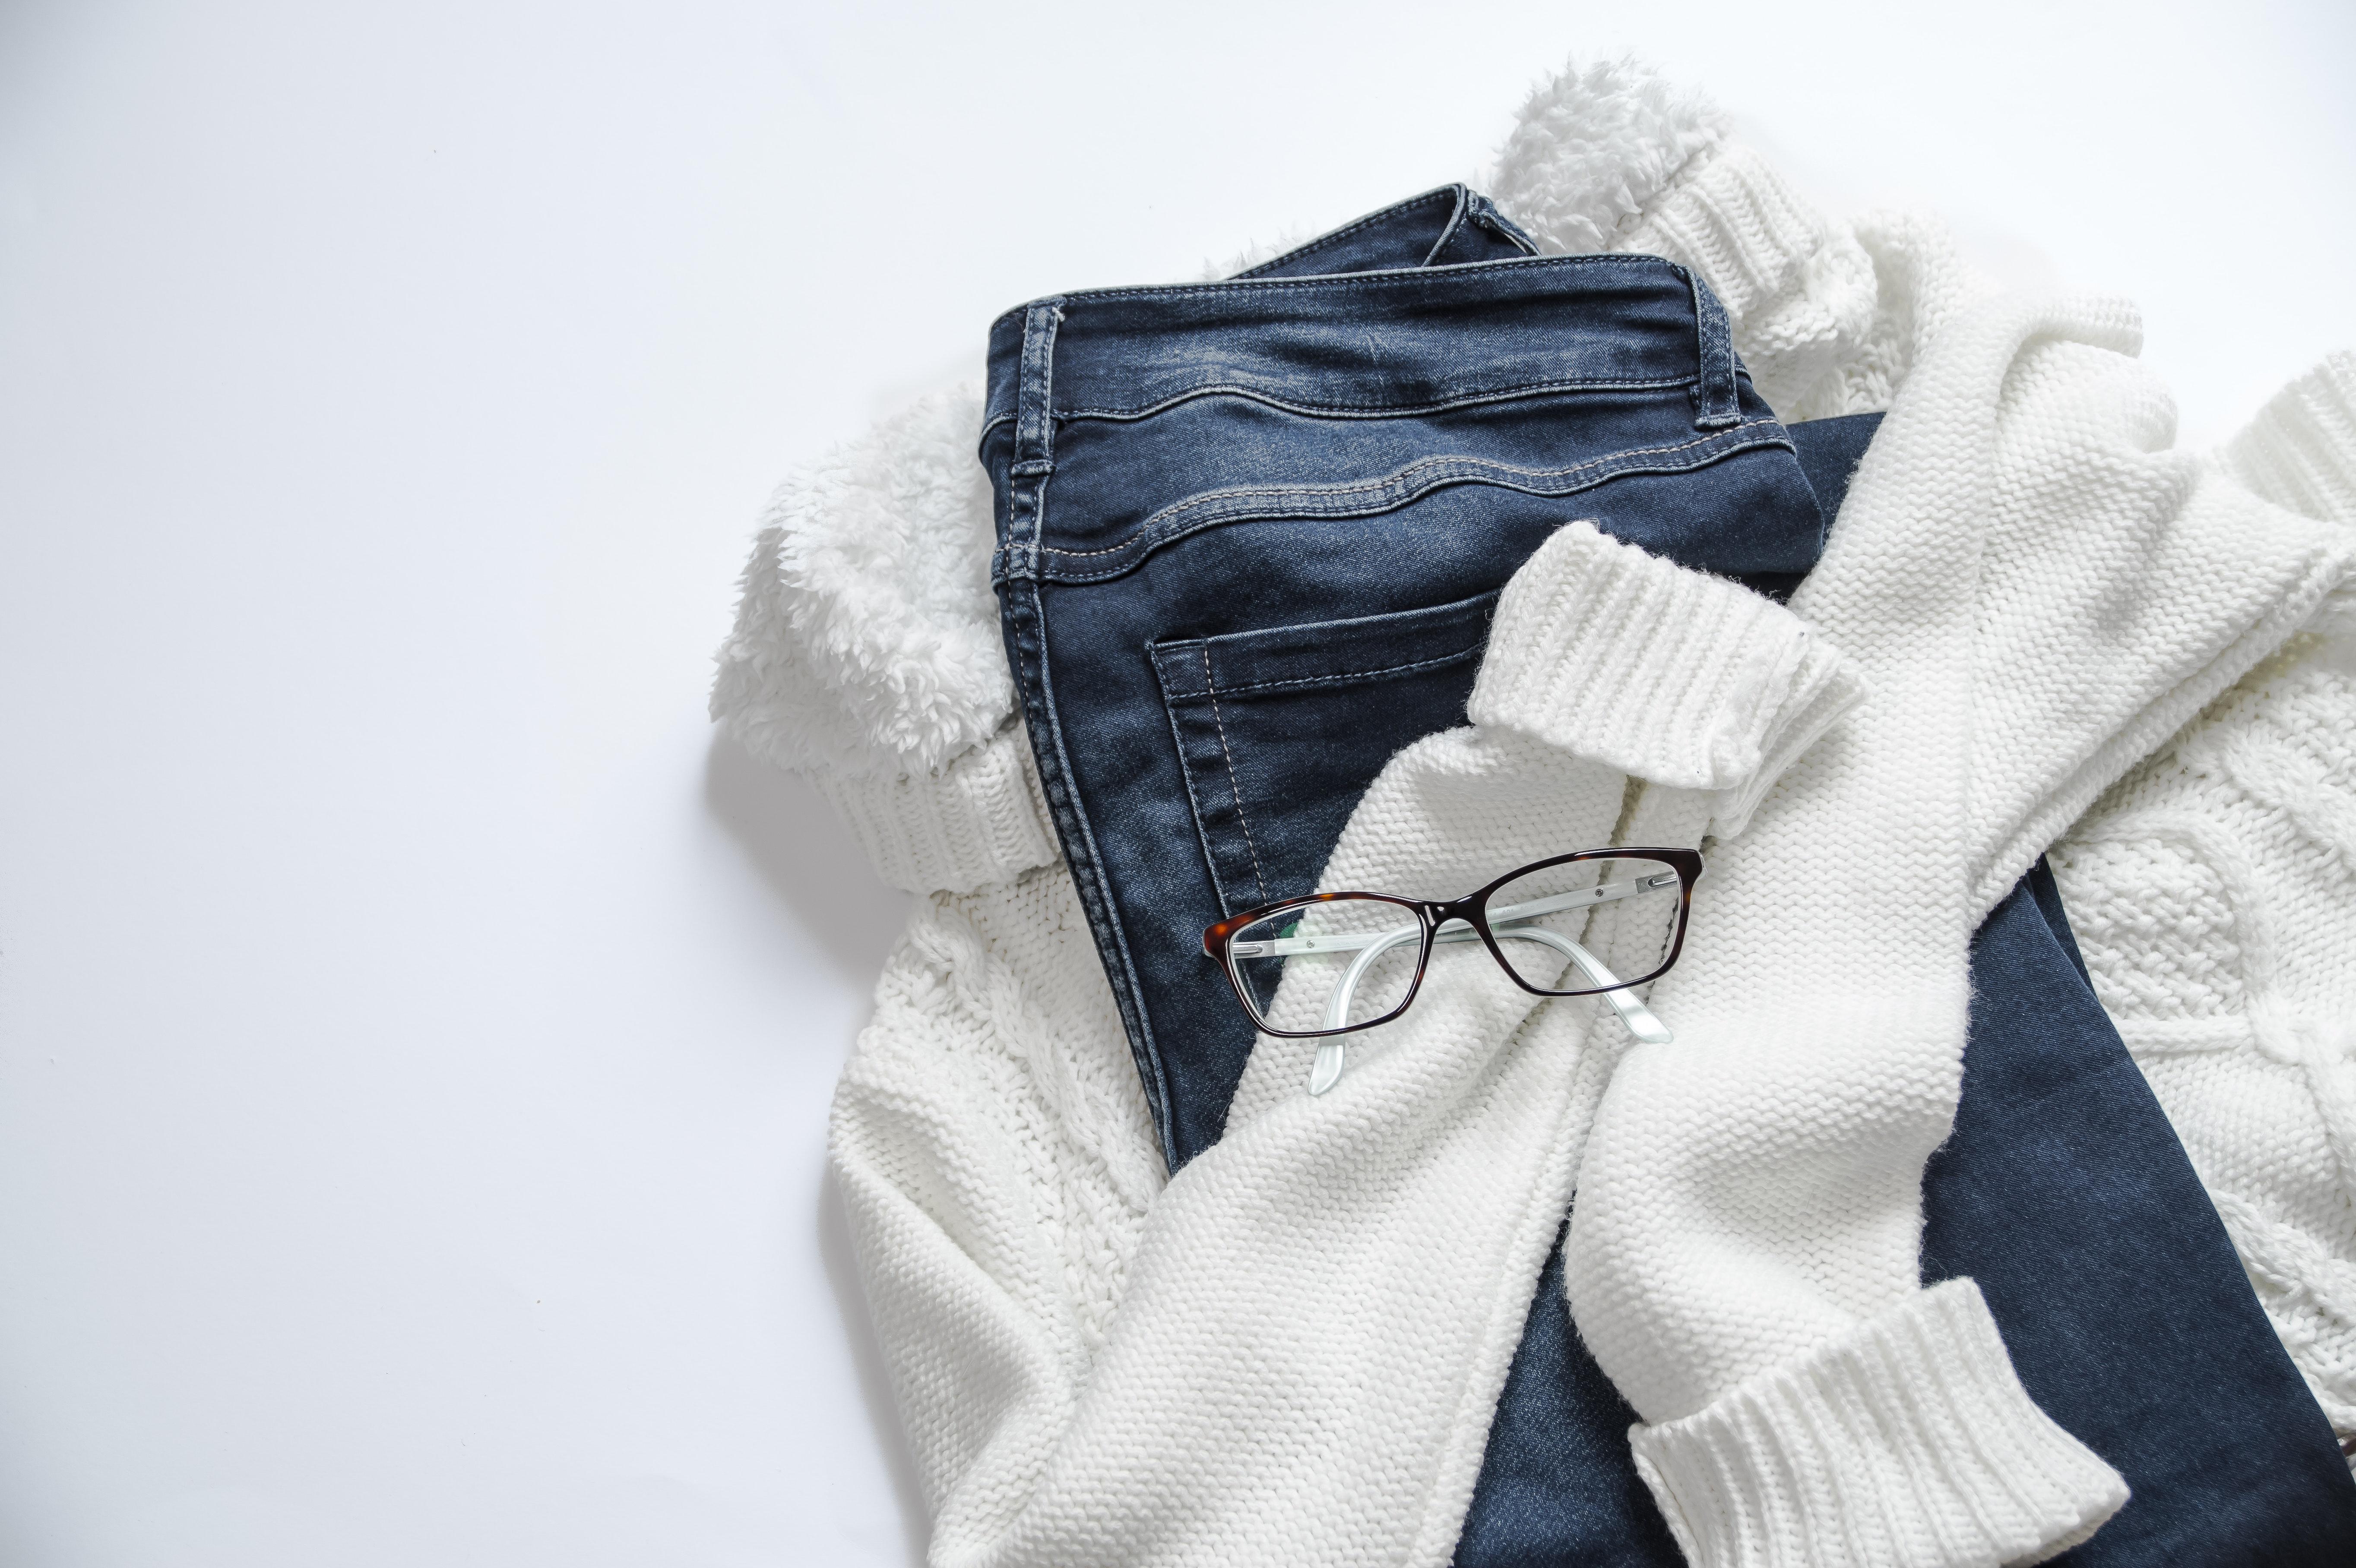 Spodnie dla ciężarnych – jakie najlepsze dla przyszłej mamy